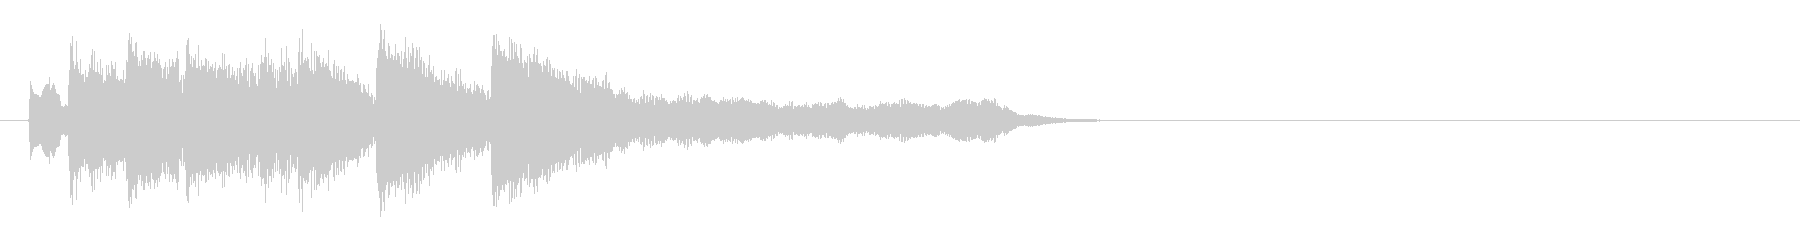 優雅で可憐なピアノジングルの未再生の波形